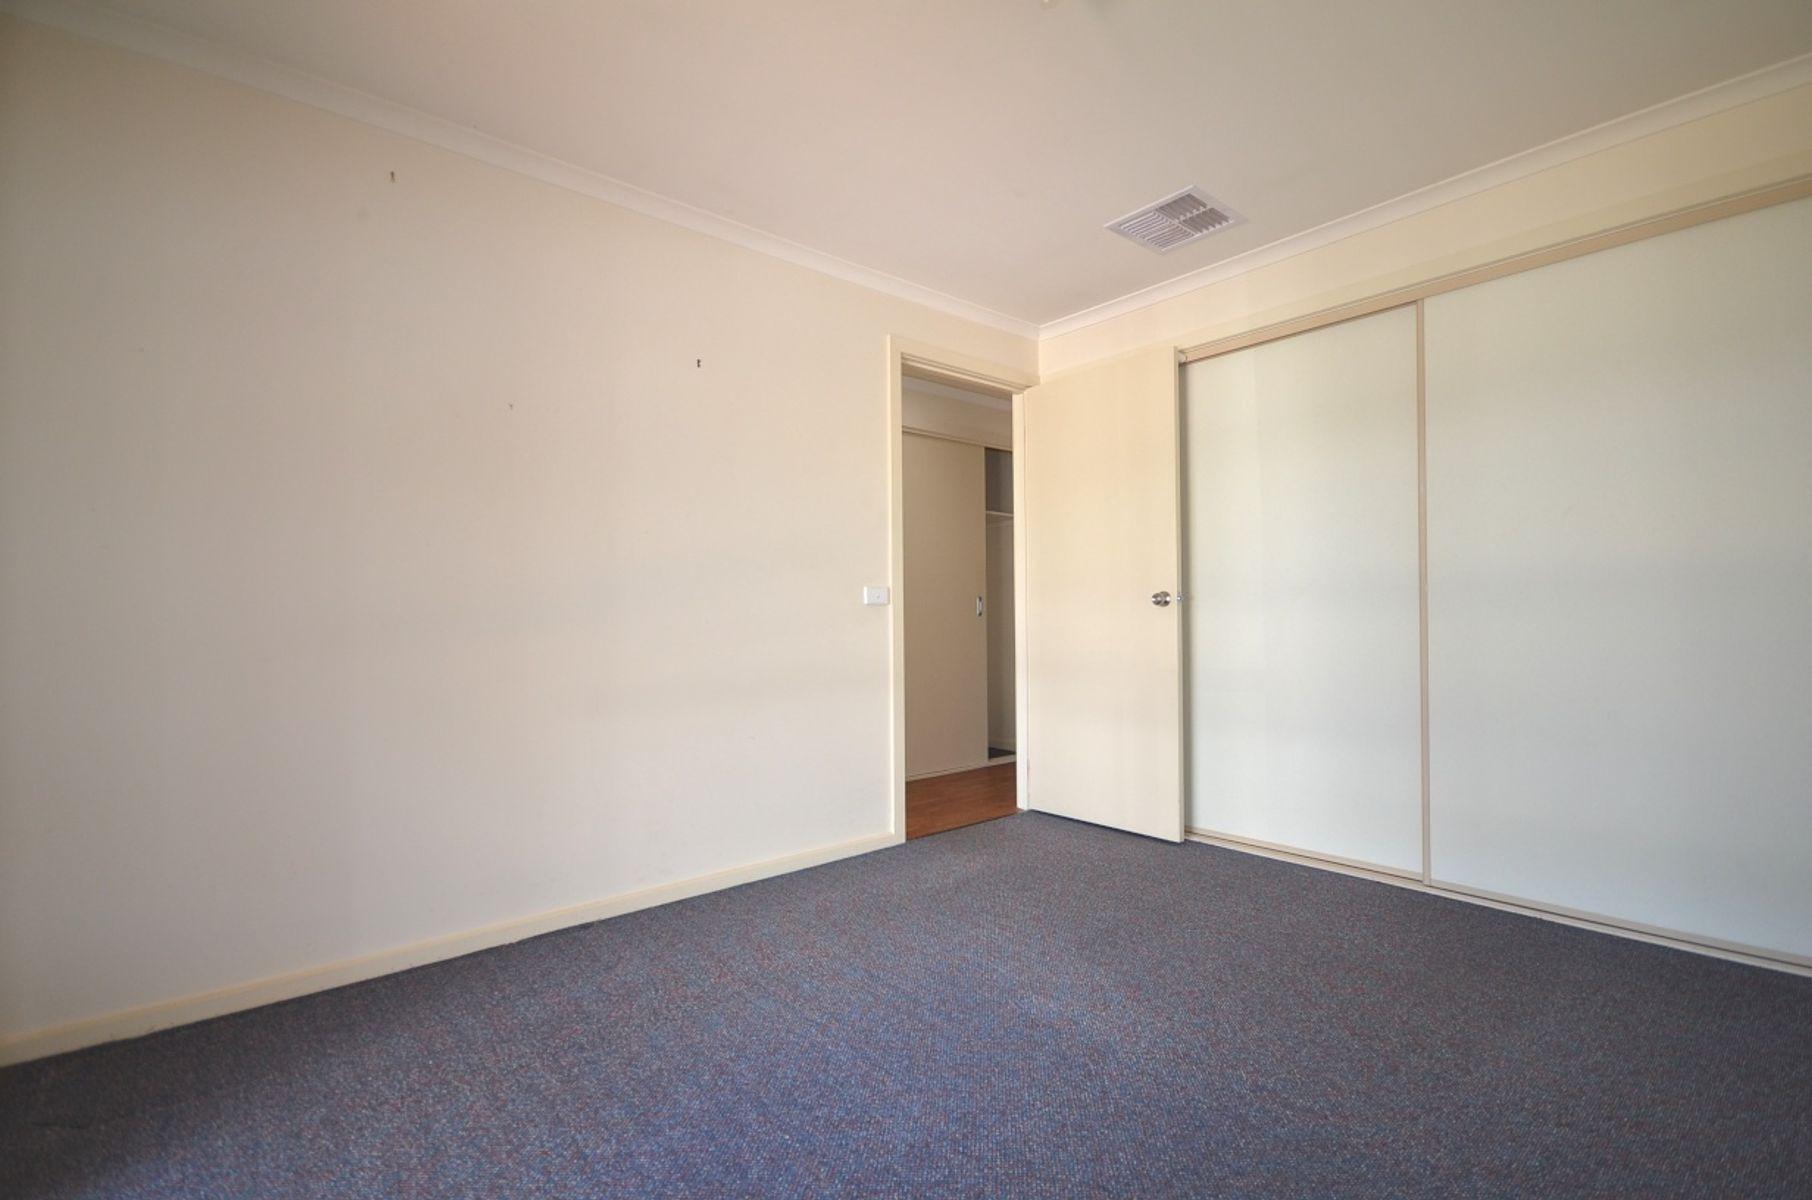 4/398 Napier Street, White Hills, VIC 3550